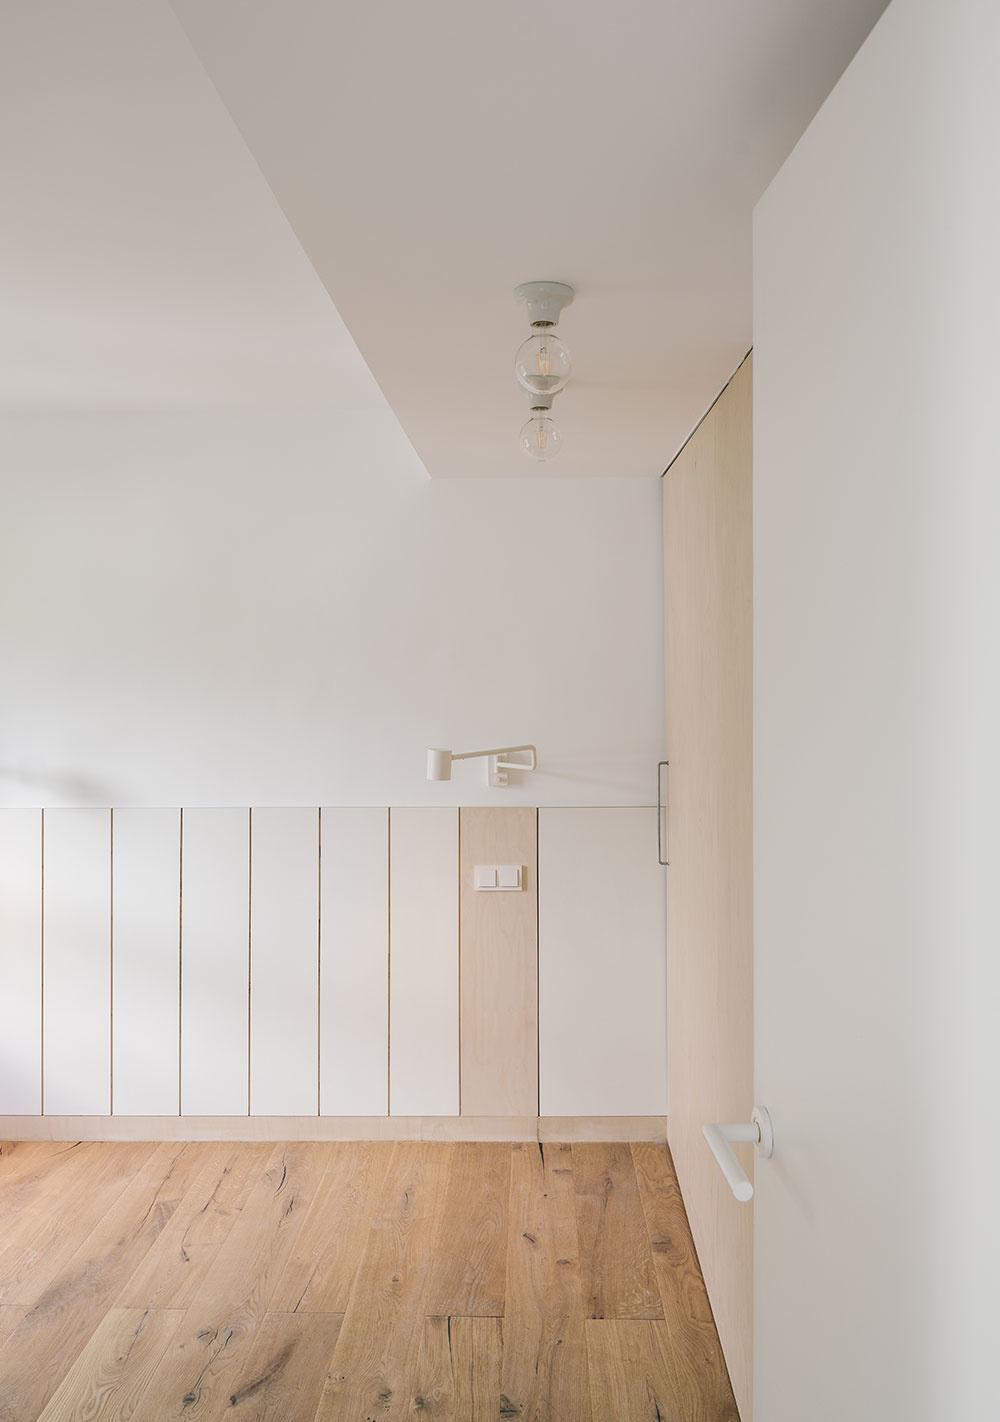 Hlavná spálňa má drevenú podlahu a bielu vstavanú skriňu.